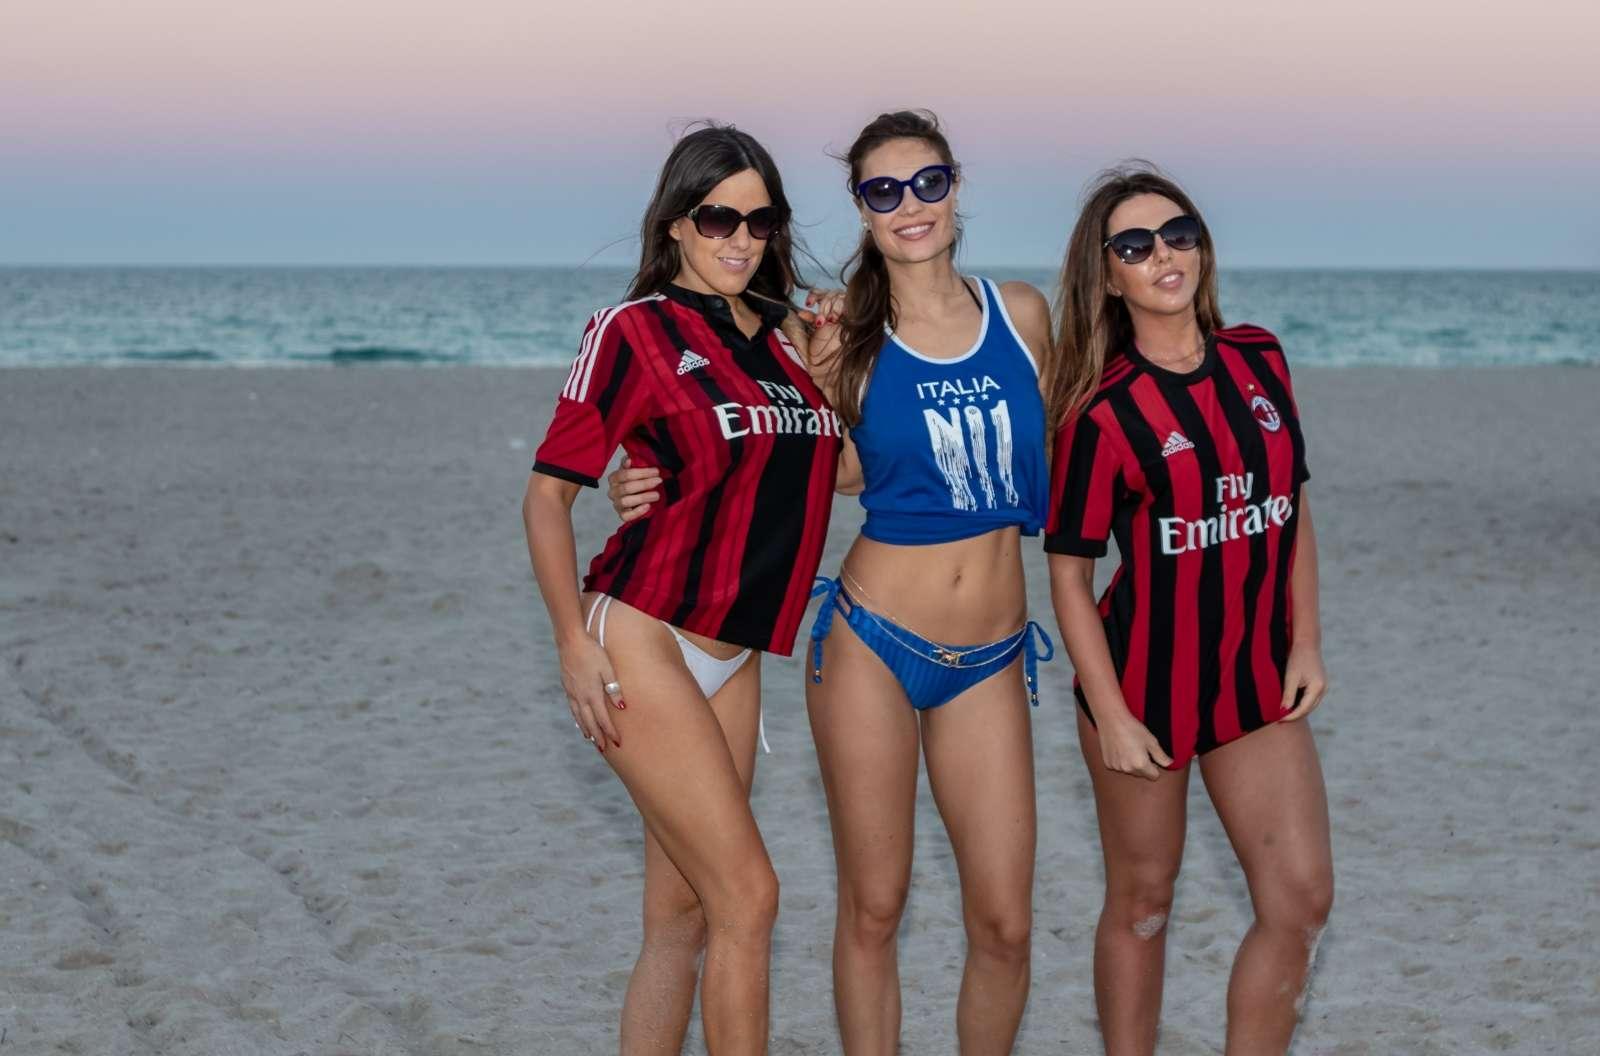 Claudia Romani 2018 : Claudia Romani, Laura Bragato and Julia Pereira in Bikini and Soccer Jerseys -04